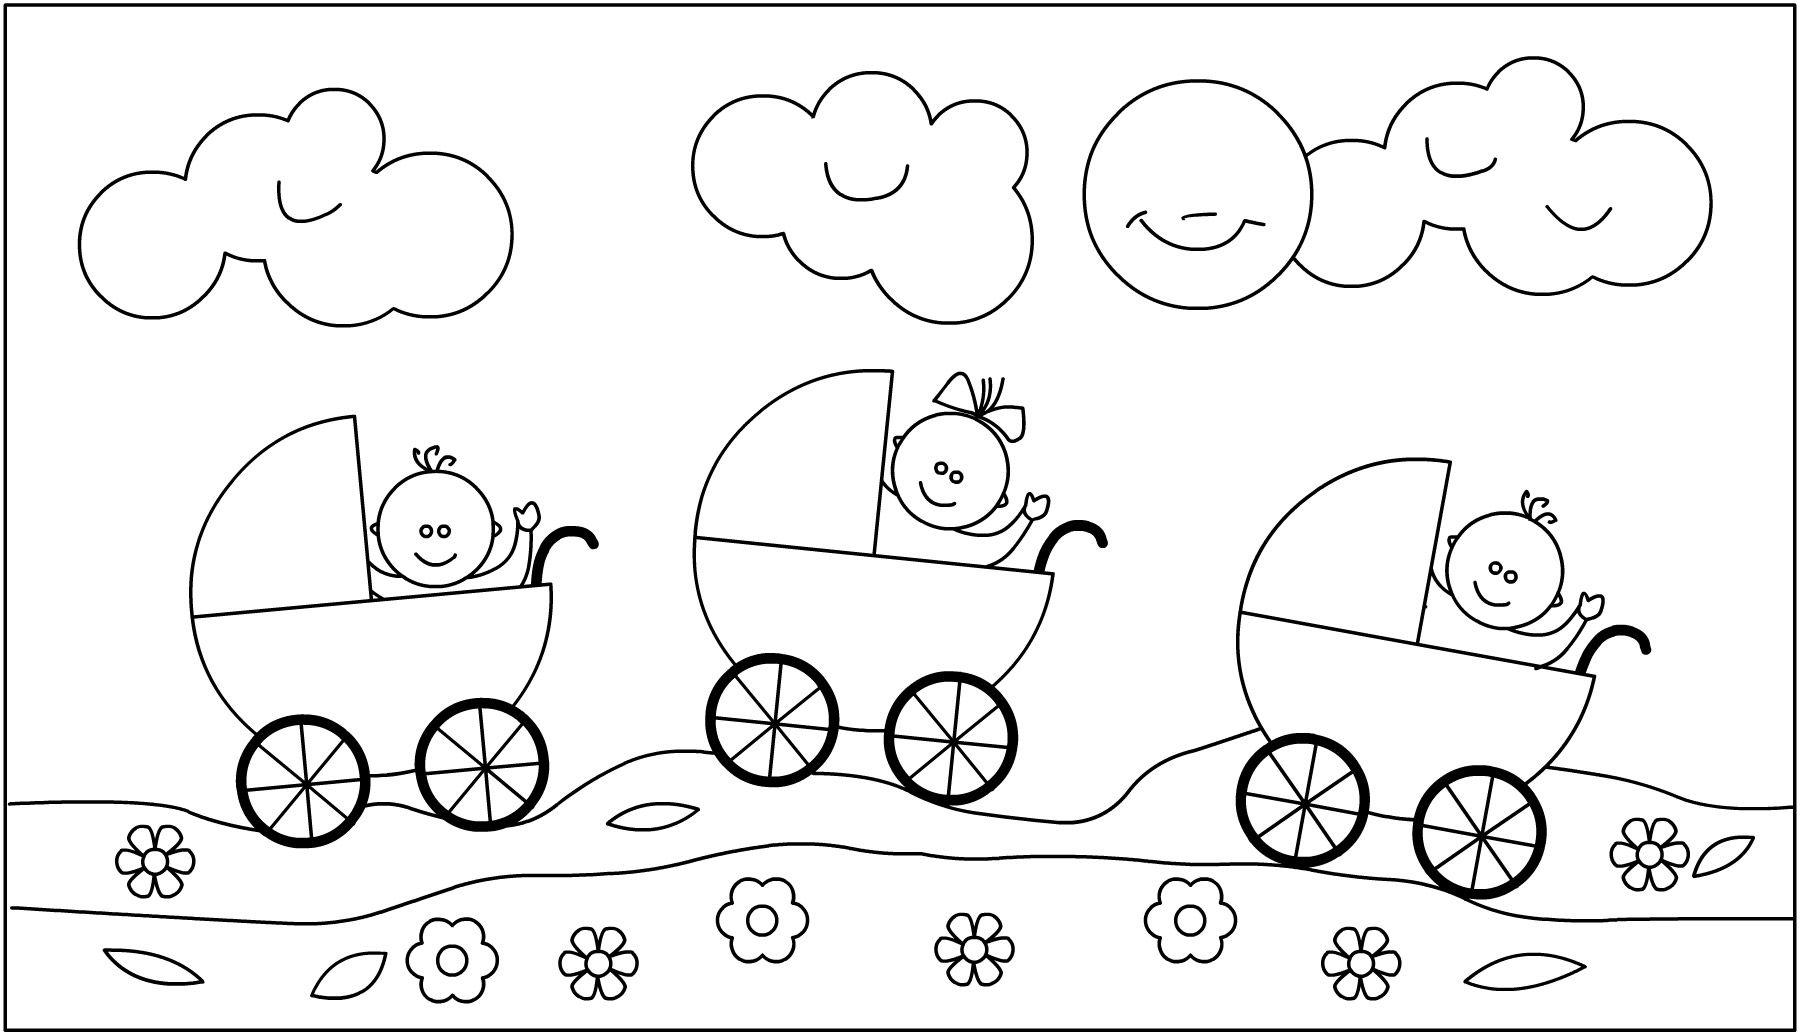 Kleurplaten Met Baby.Kleurplaat Thema Baby Thema Baby Kleuters Baby Theme Preschool